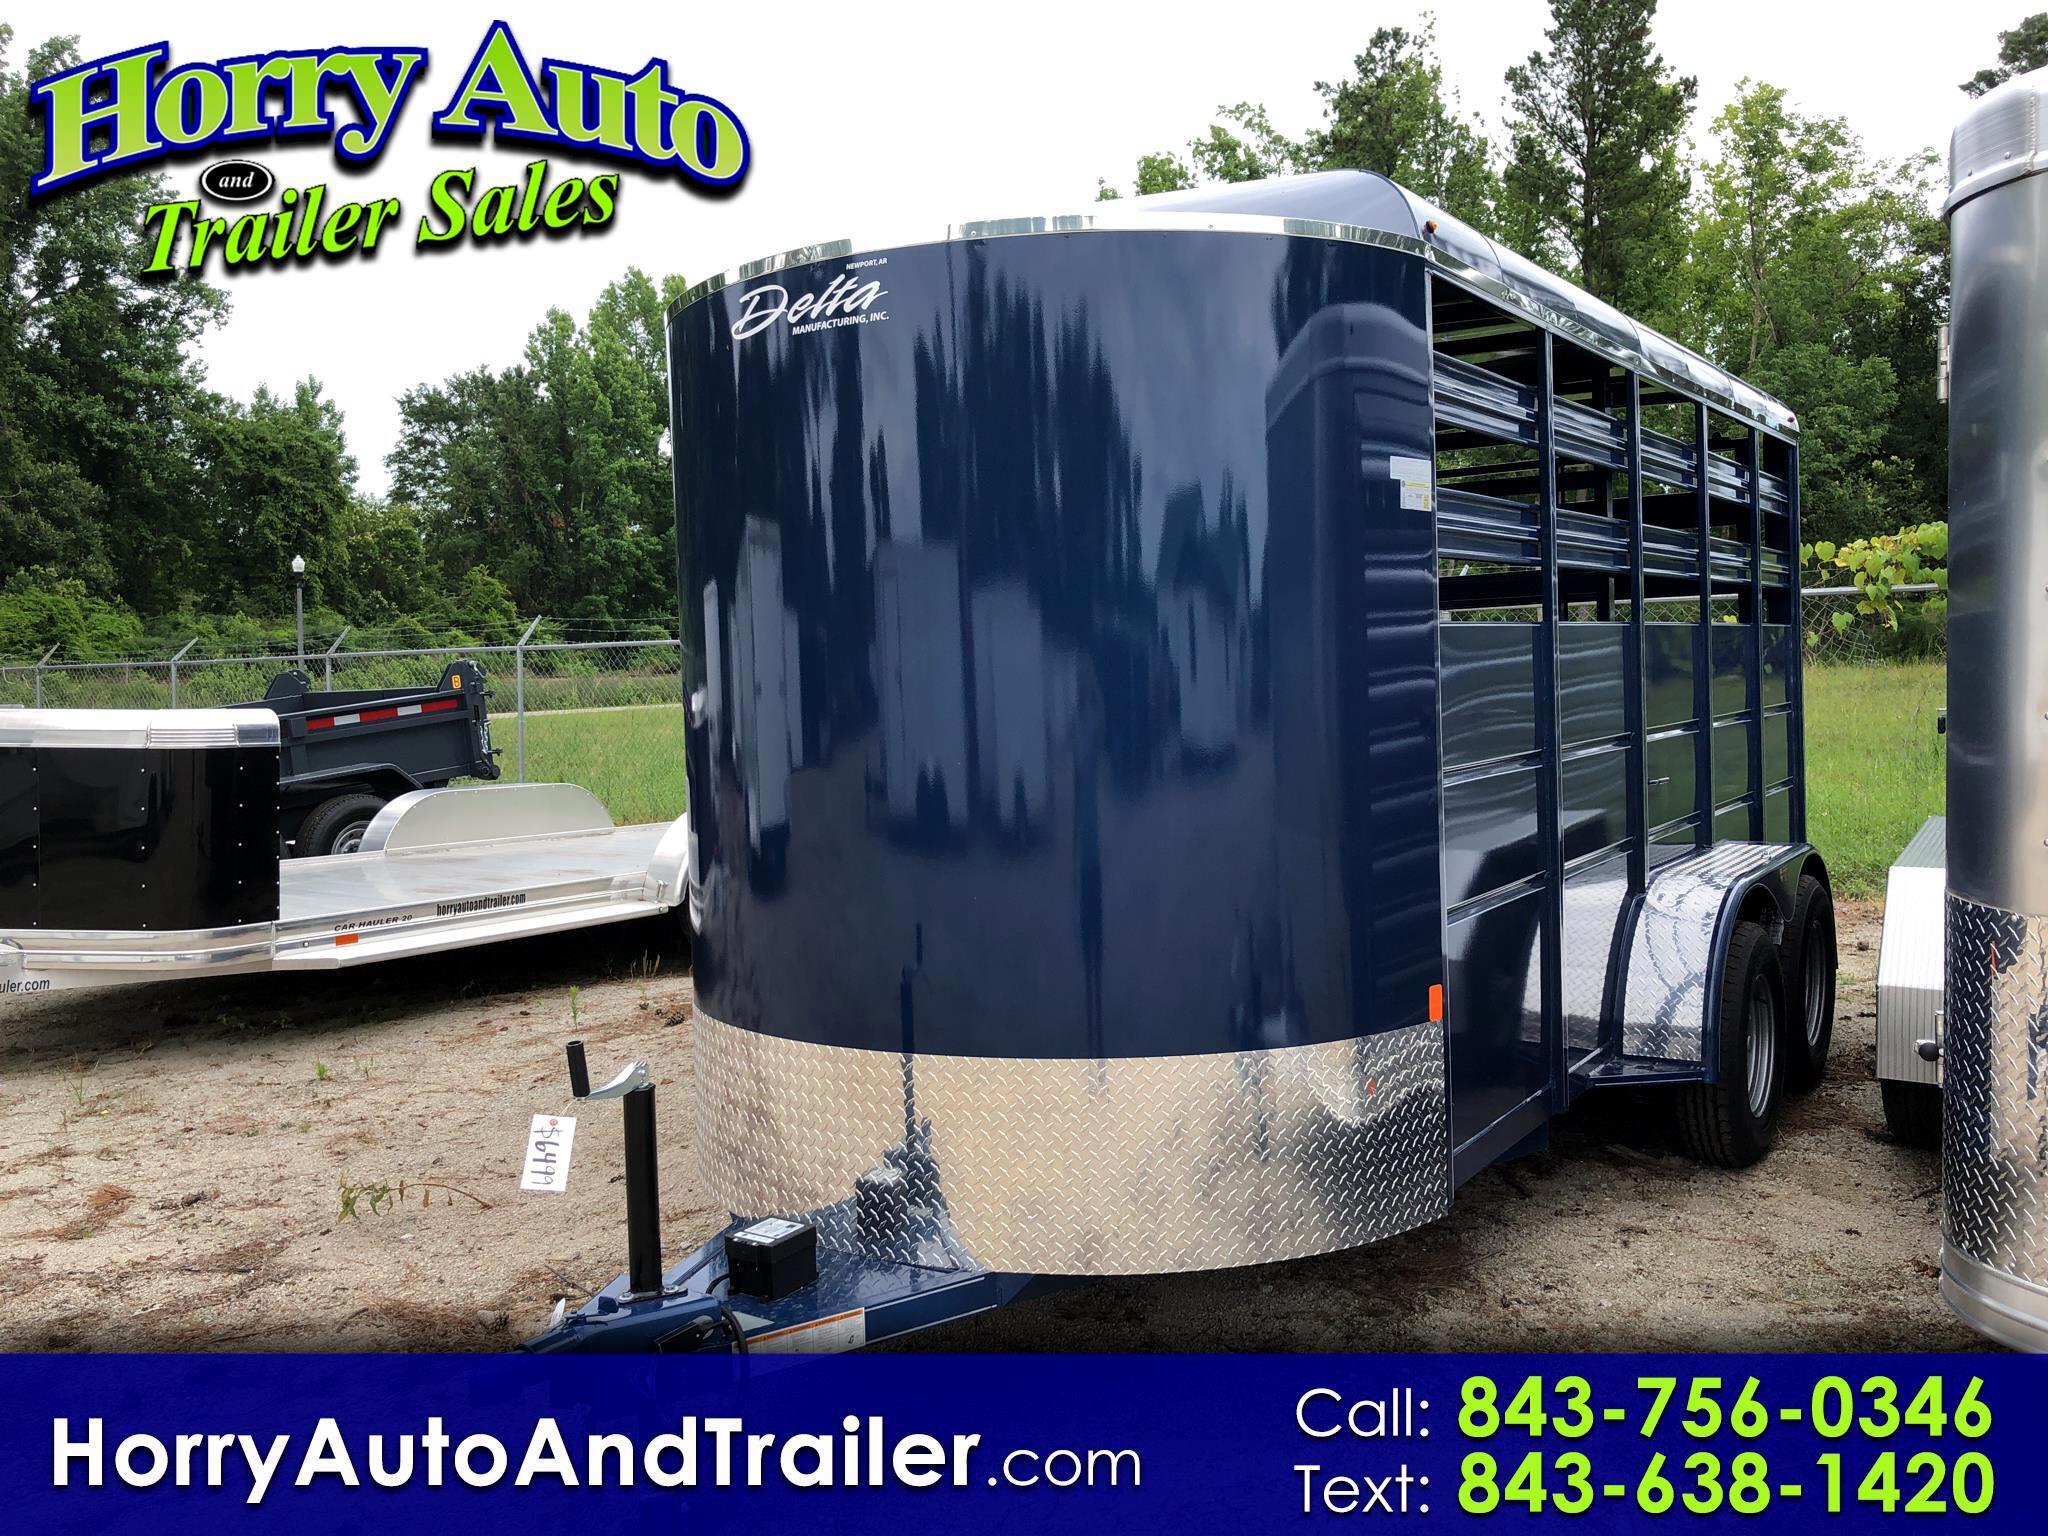 2019 Delta 500 ES bumper pull horse trailer 7 ft high